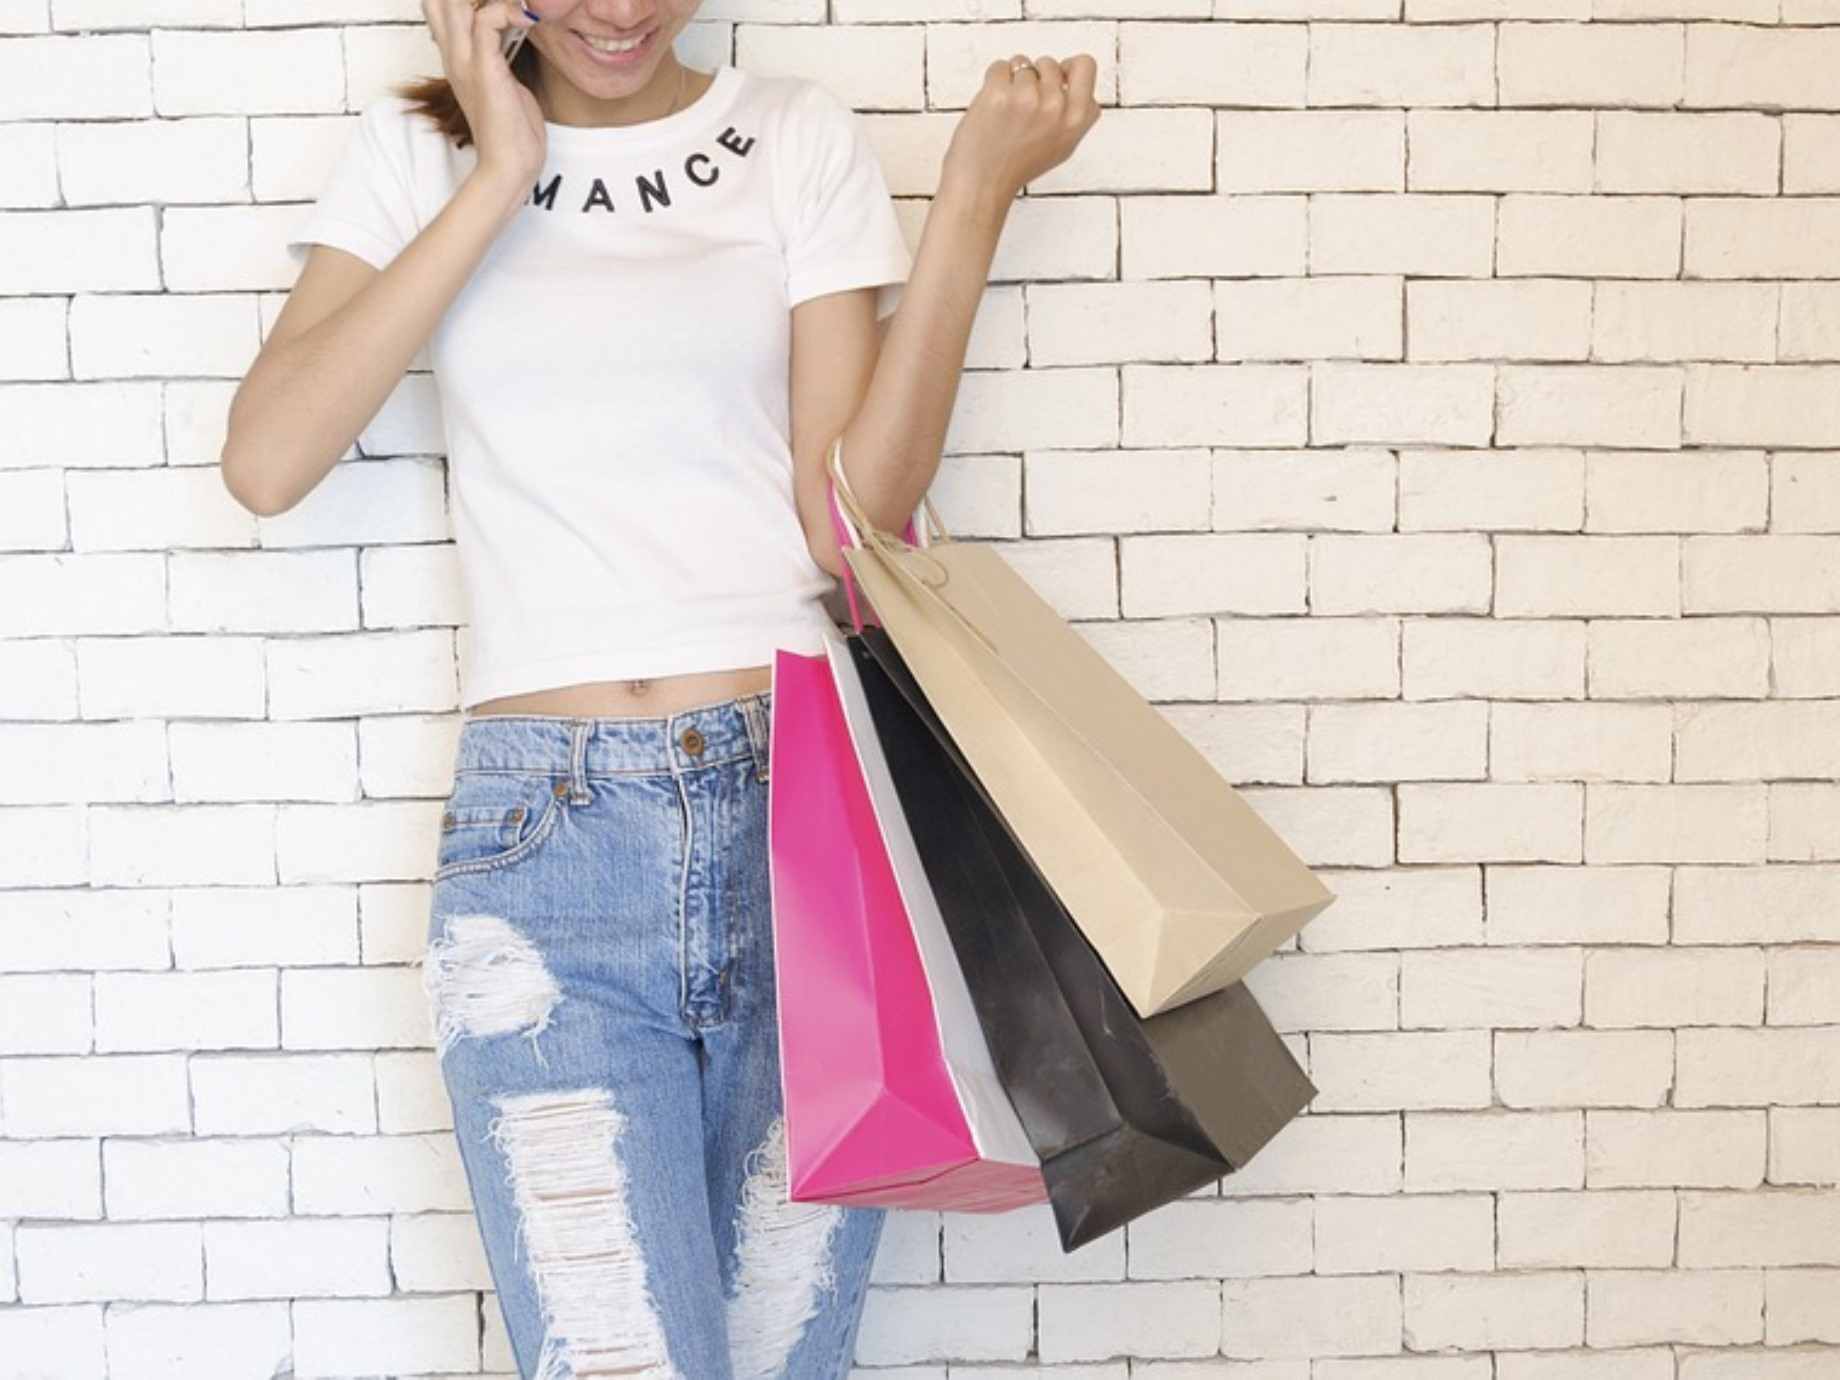 購物季後退貨潮來襲!4招功略,助電商有效降低退貨率